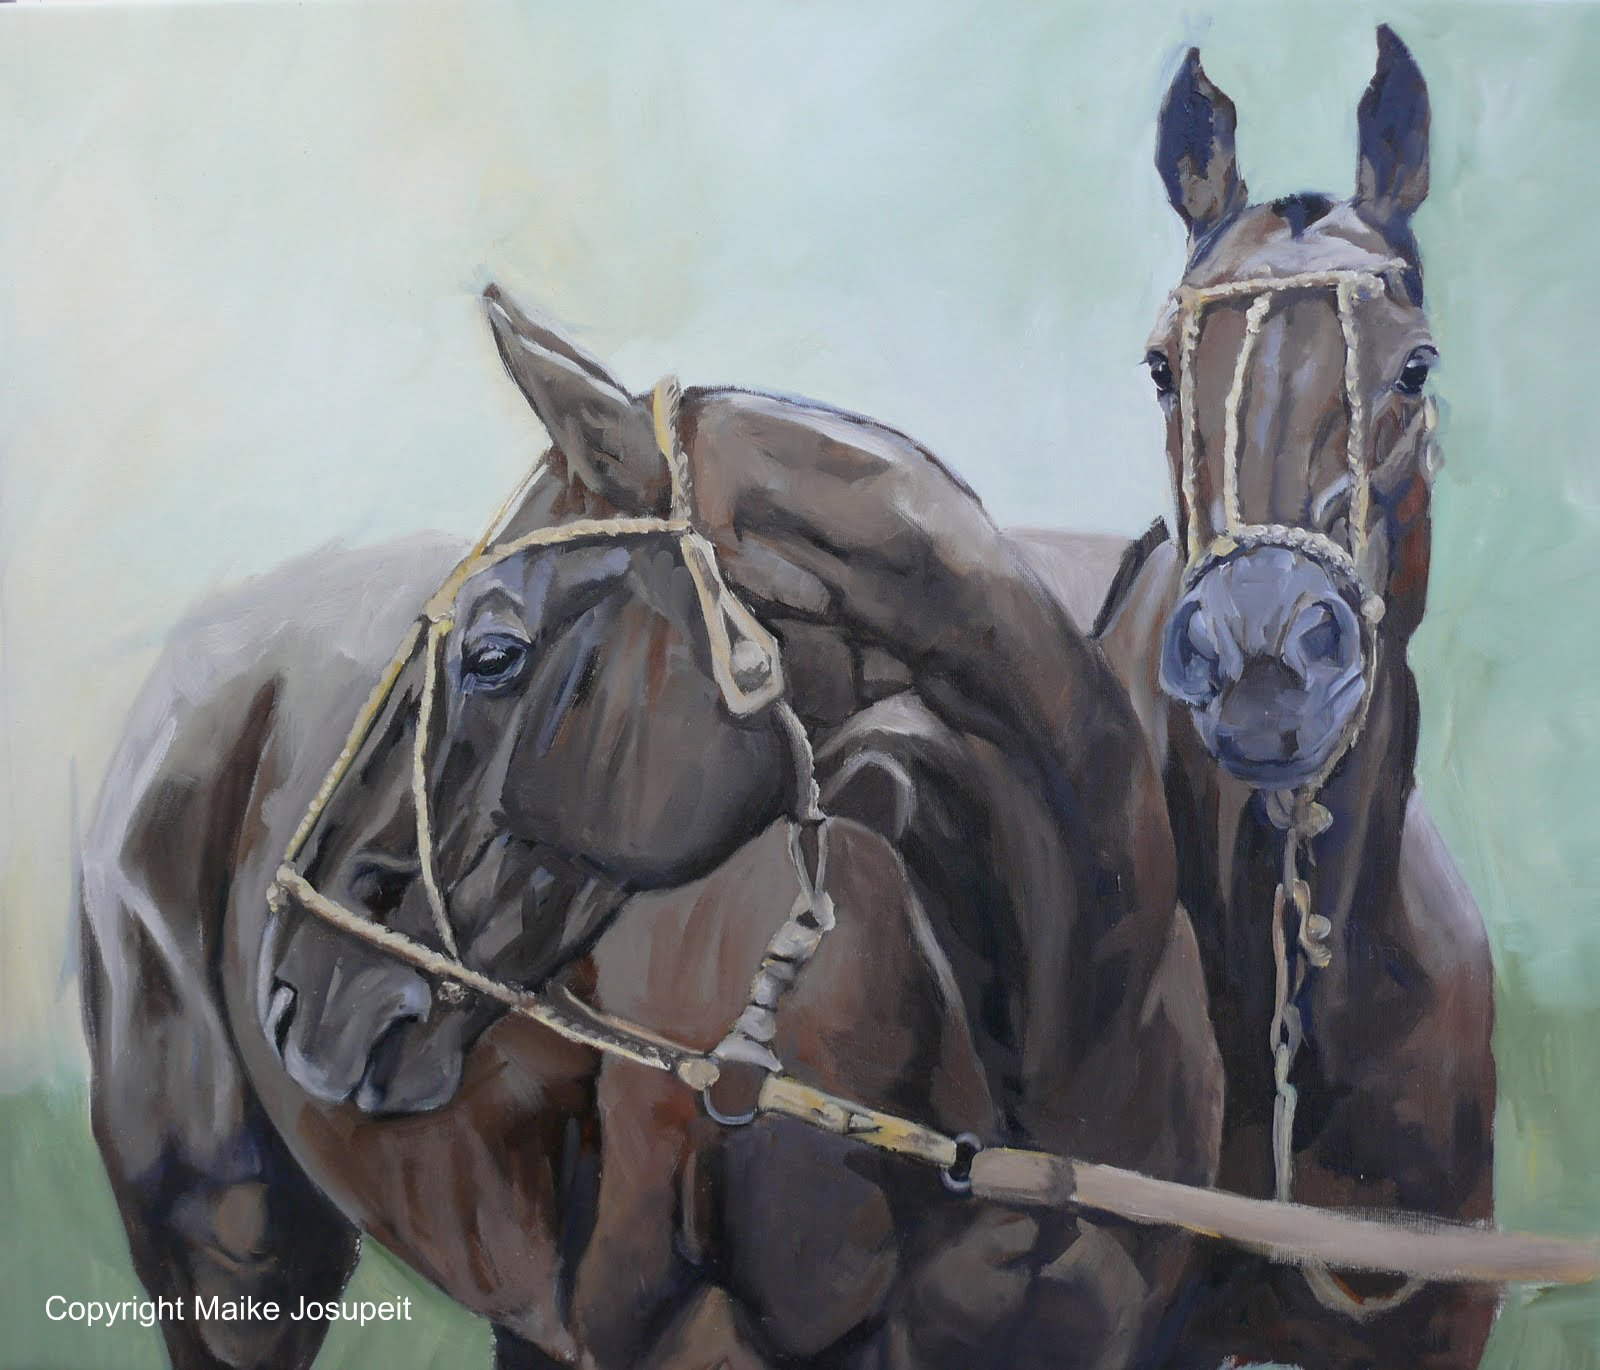 http://1.bp.blogspot.com/-irArWFCY5kU/TyAOeJzDA_I/AAAAAAAACIk/01qXOHzOjDk/s1600/Polopferde.jpg